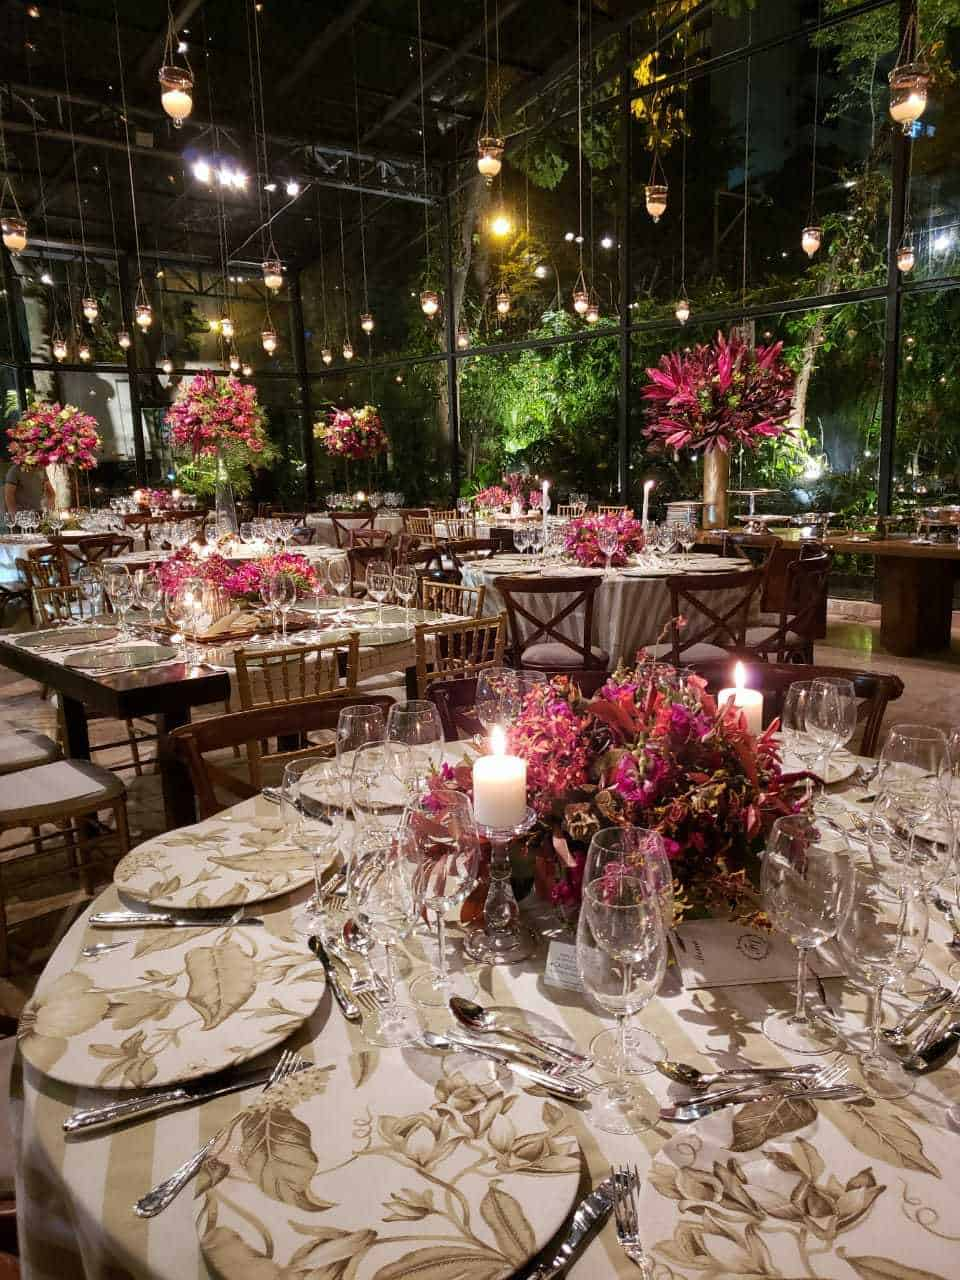 casamento-fernanda-e-leandro-casamento-sp-Fotografia-Produtora-7-casamento-clássico-casamento-tradicional-wedding-79